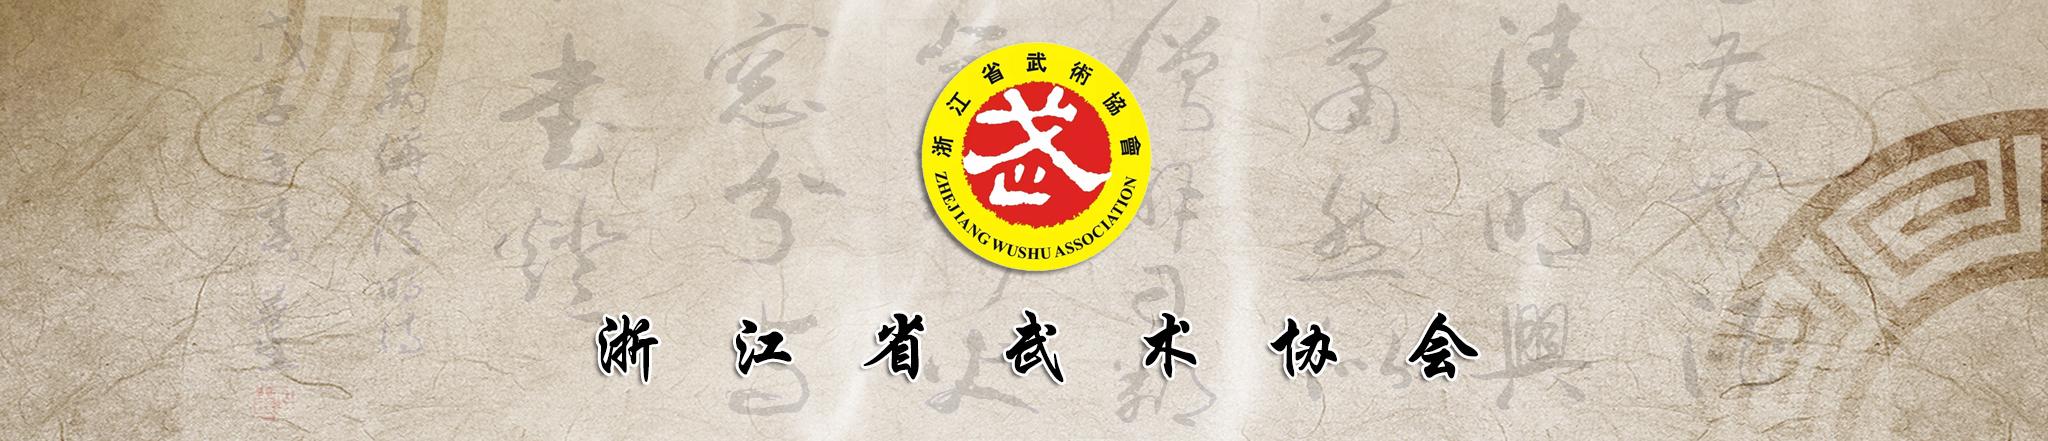 浙江省武术协会